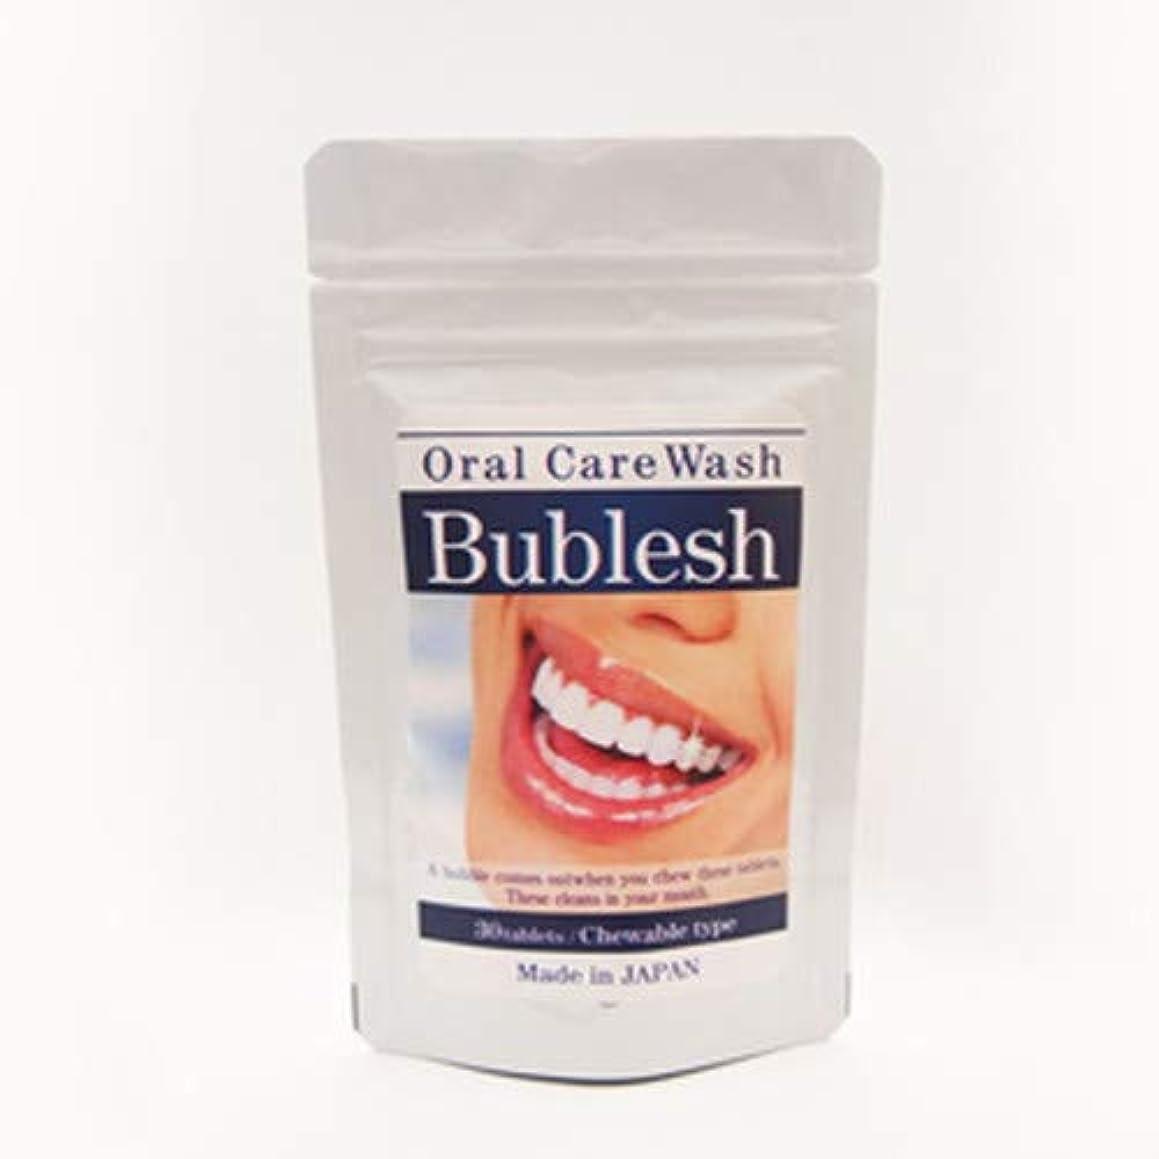 タヒチ柔らかい足バッグ【オーラルケアウォッシュバブレッシュ】 30 粒 炭酸 タブレット 歯磨き